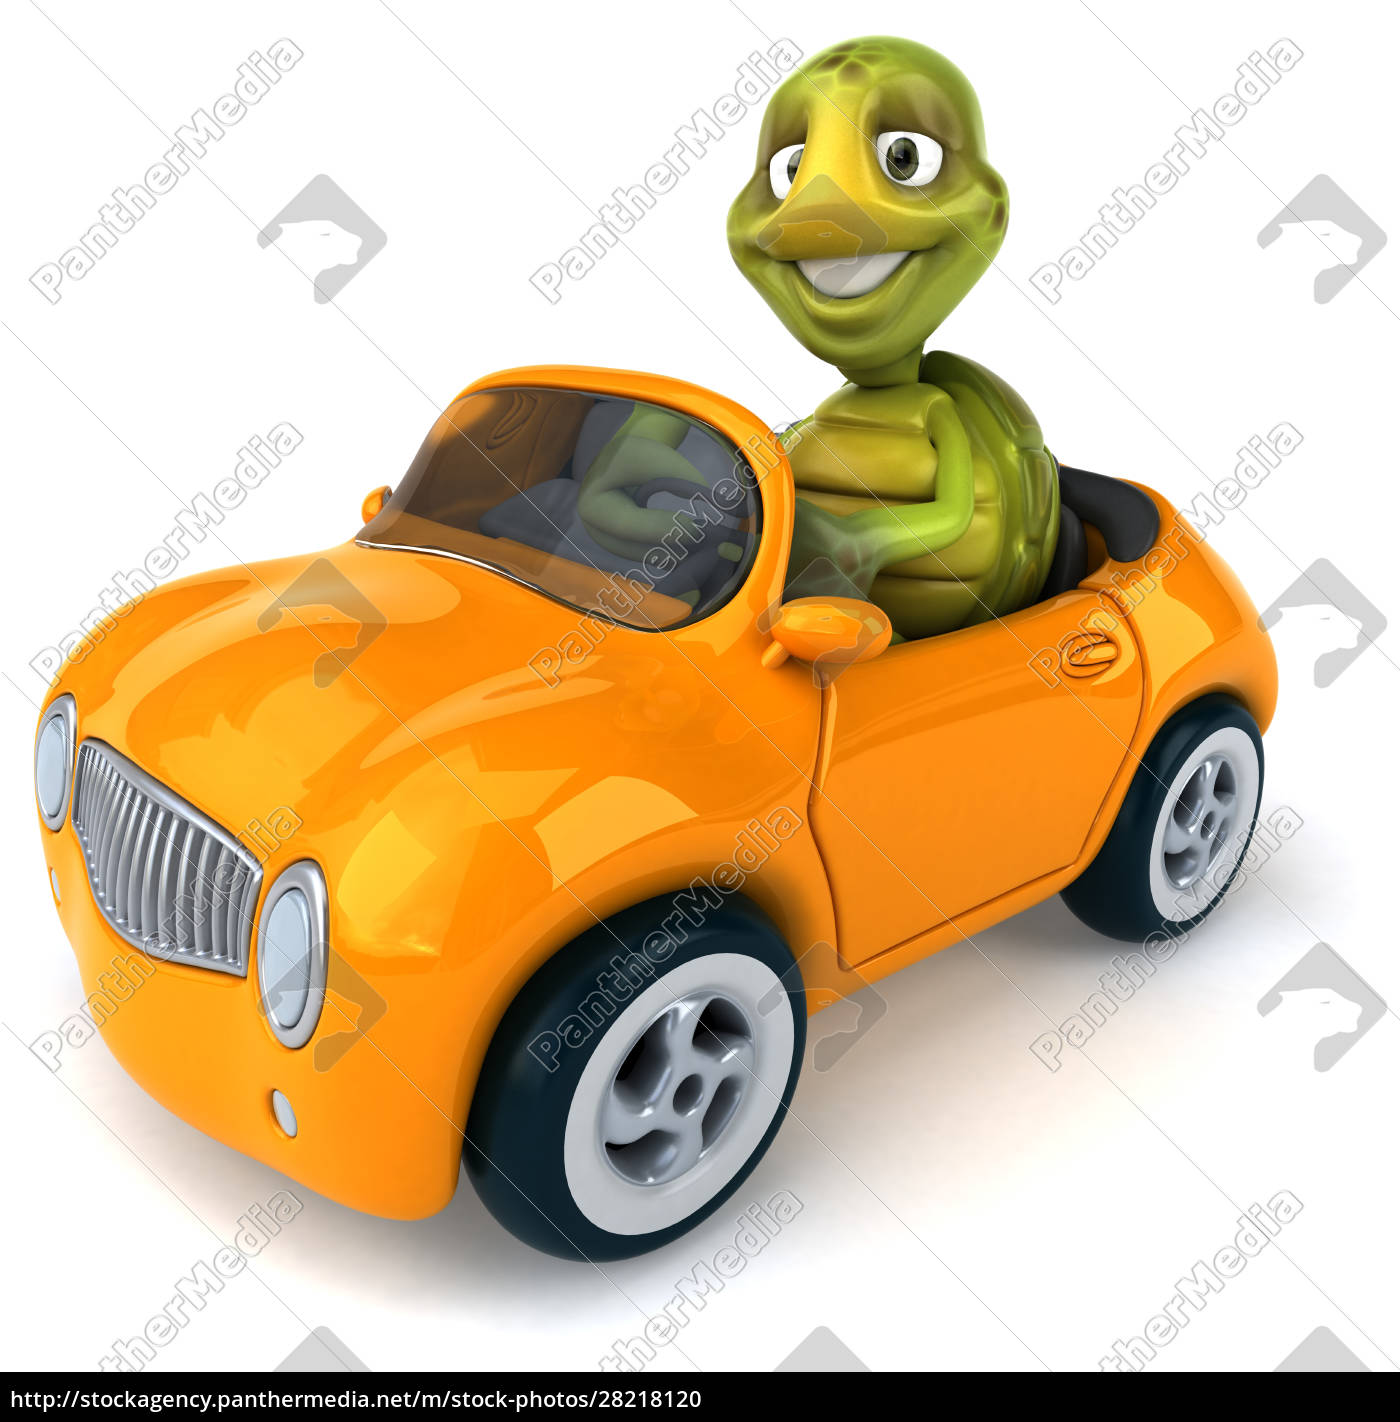 fun, turtle - 28218120